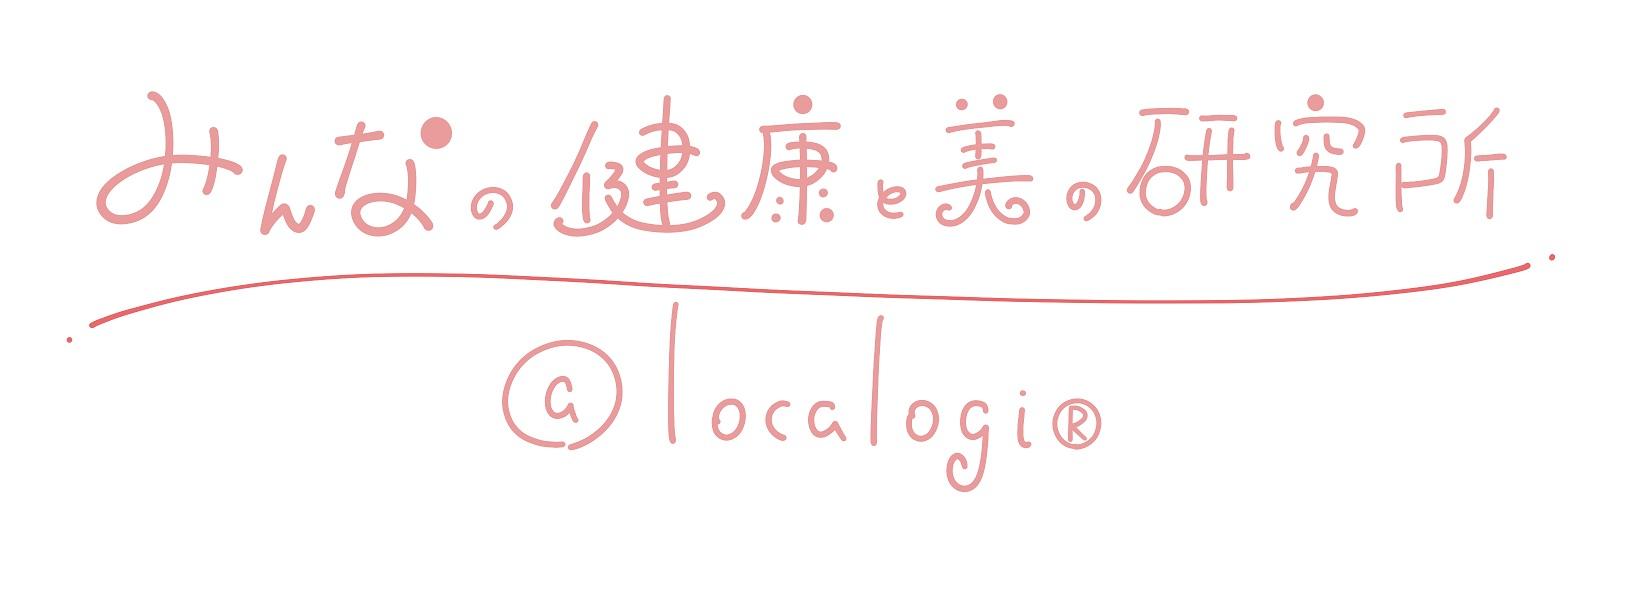 ロゴyose (2)